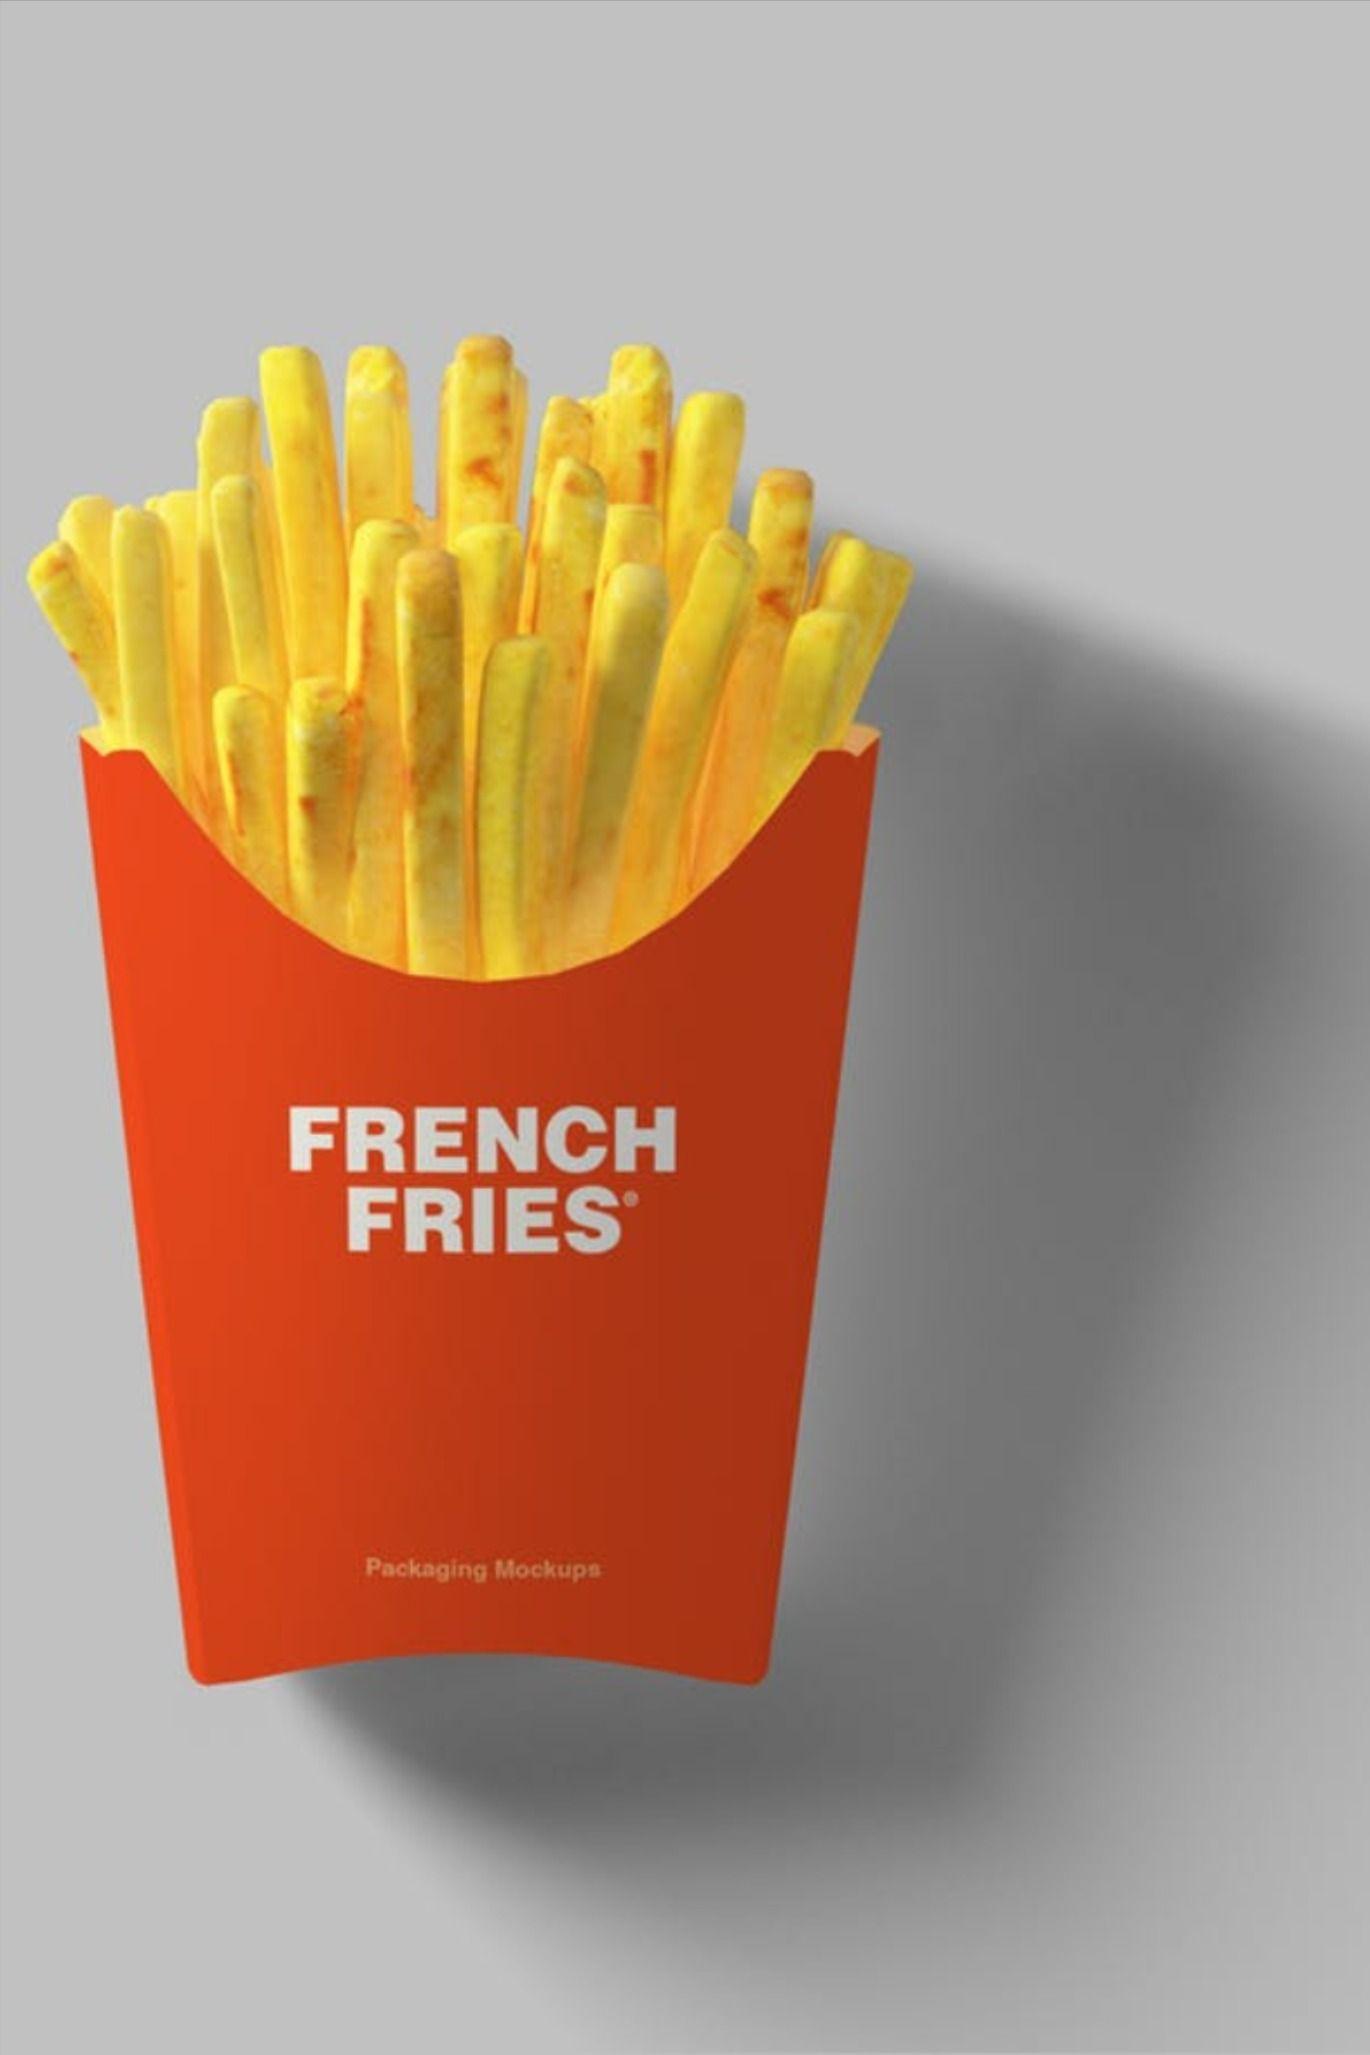 Download Fries Packaging Mockup Fries Packaging Packaging Mockup French Fries